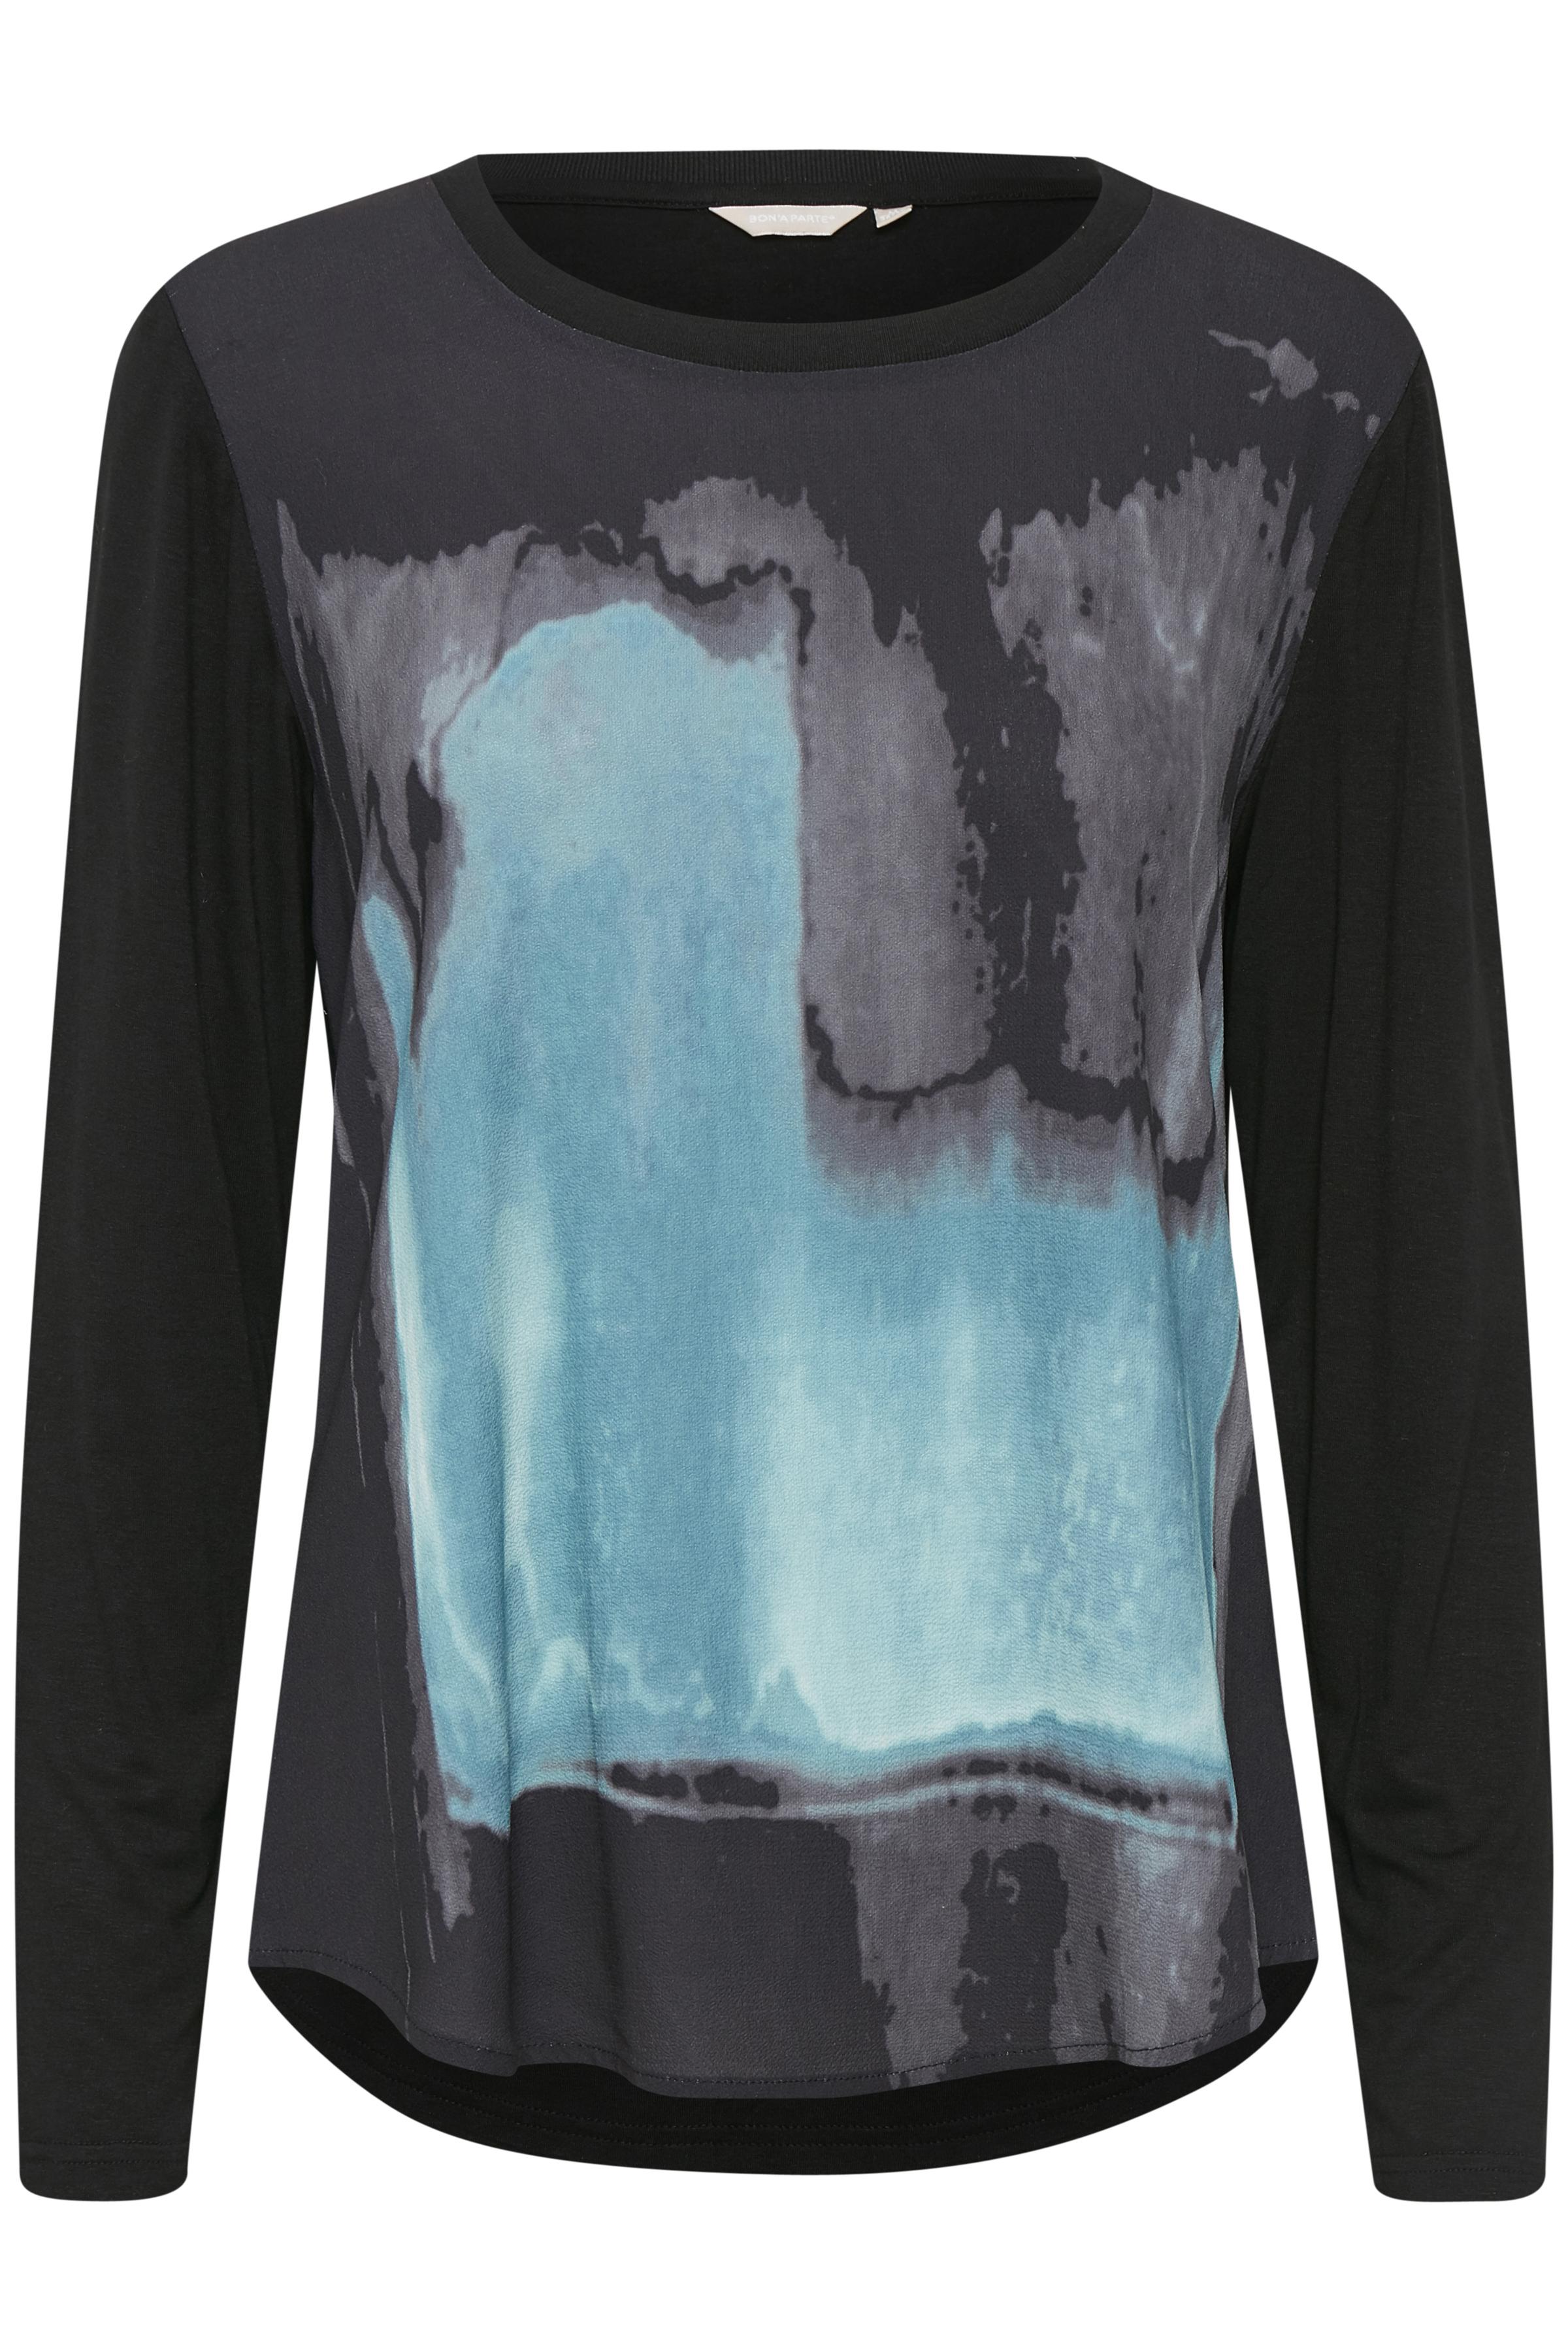 Sort/støvet blå Langærmet bluse fra Bon'A Parte – Køb Sort/støvet blå Langærmet bluse fra str. S-2XL her